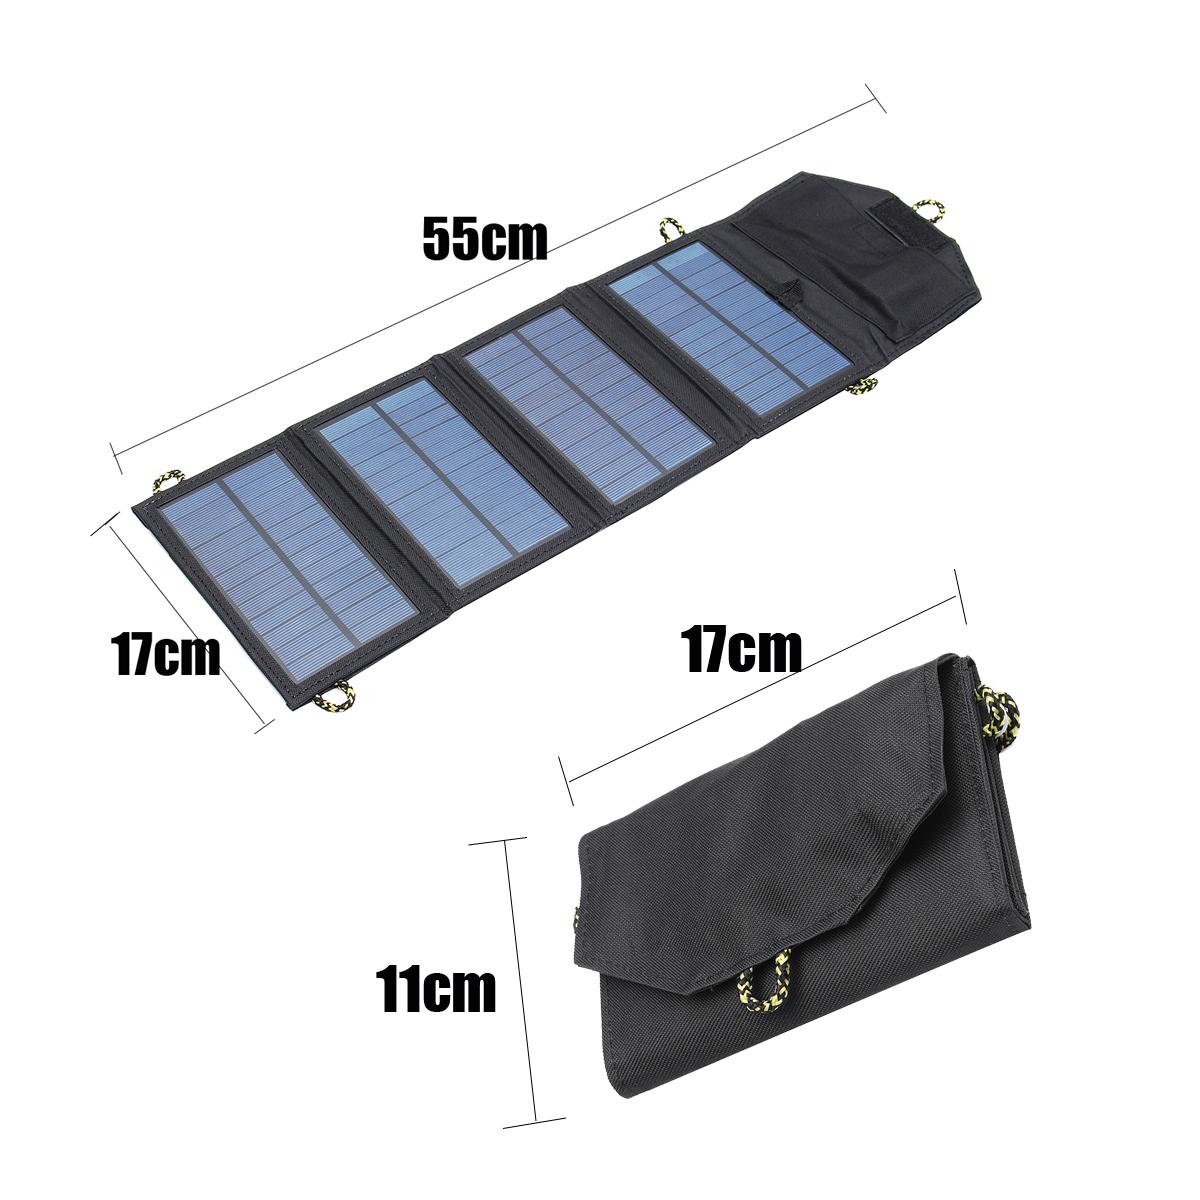 Pannello Solare Con Porta Usb : Ipree ™ v w portable solare pannello esterno di